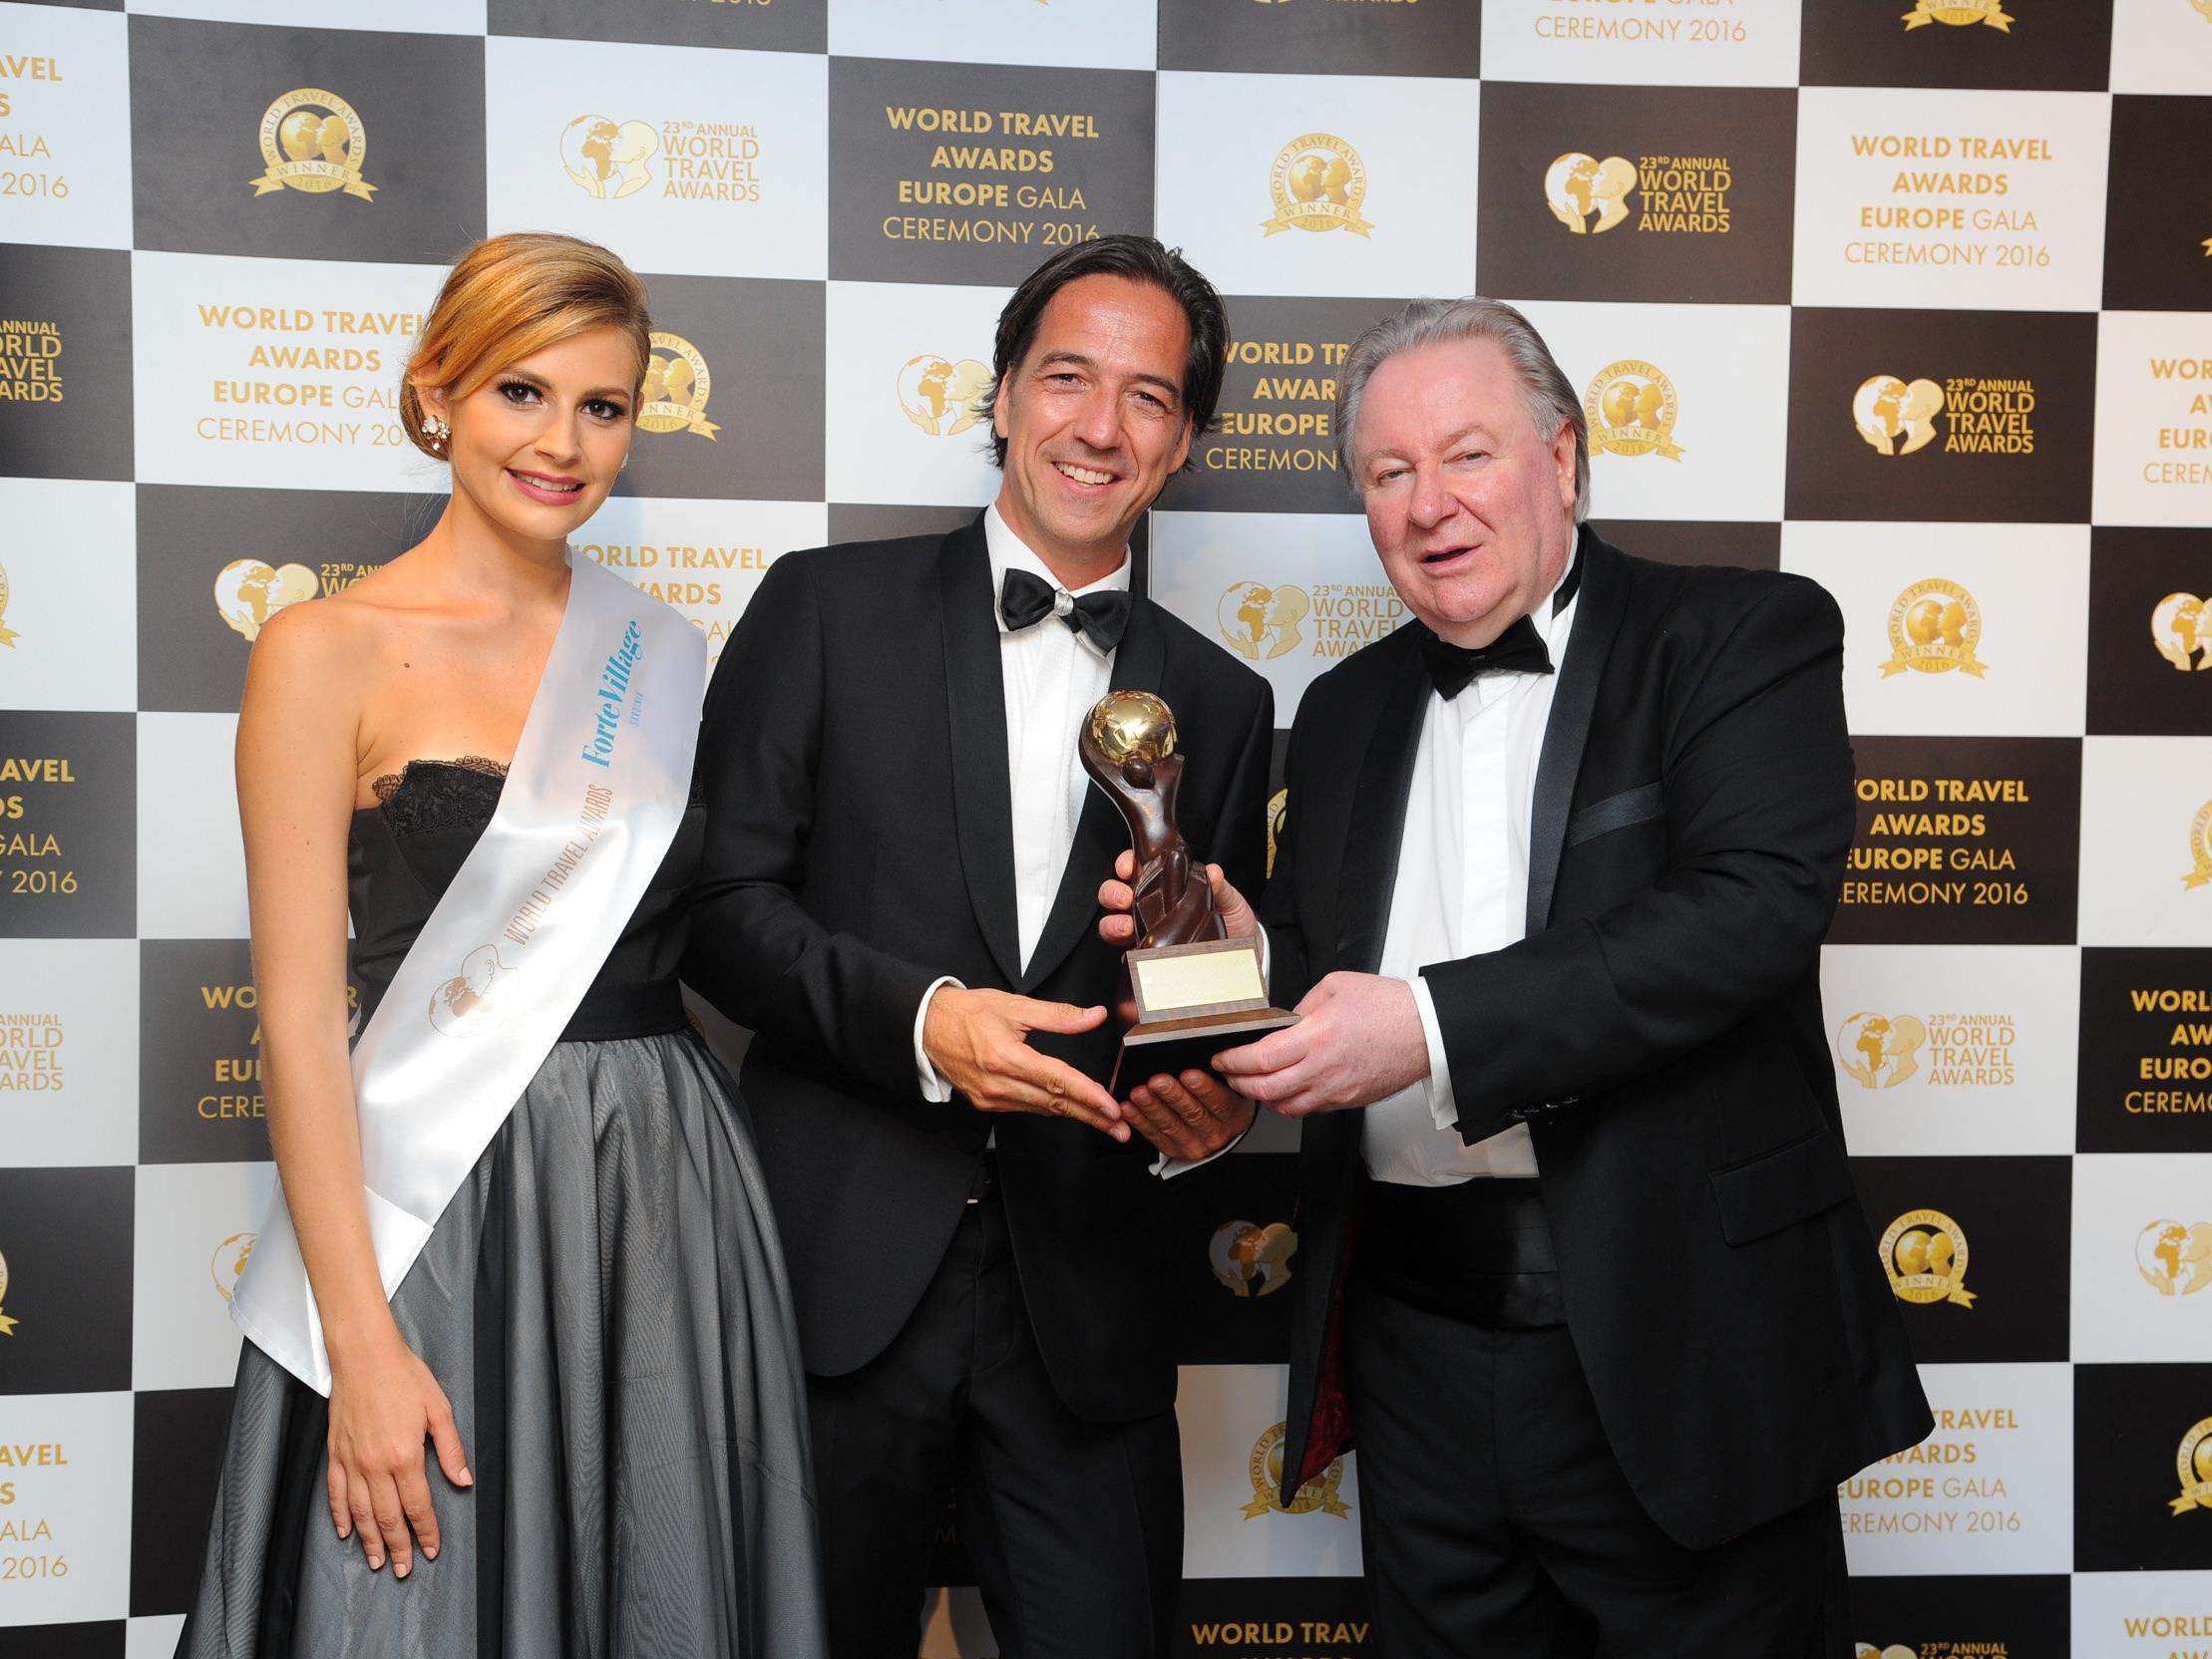 Hotel-Aurelio-Geschäftsführer Axel Pfefferkorn (mitte) bei der Verleihung des World Travel Awards.